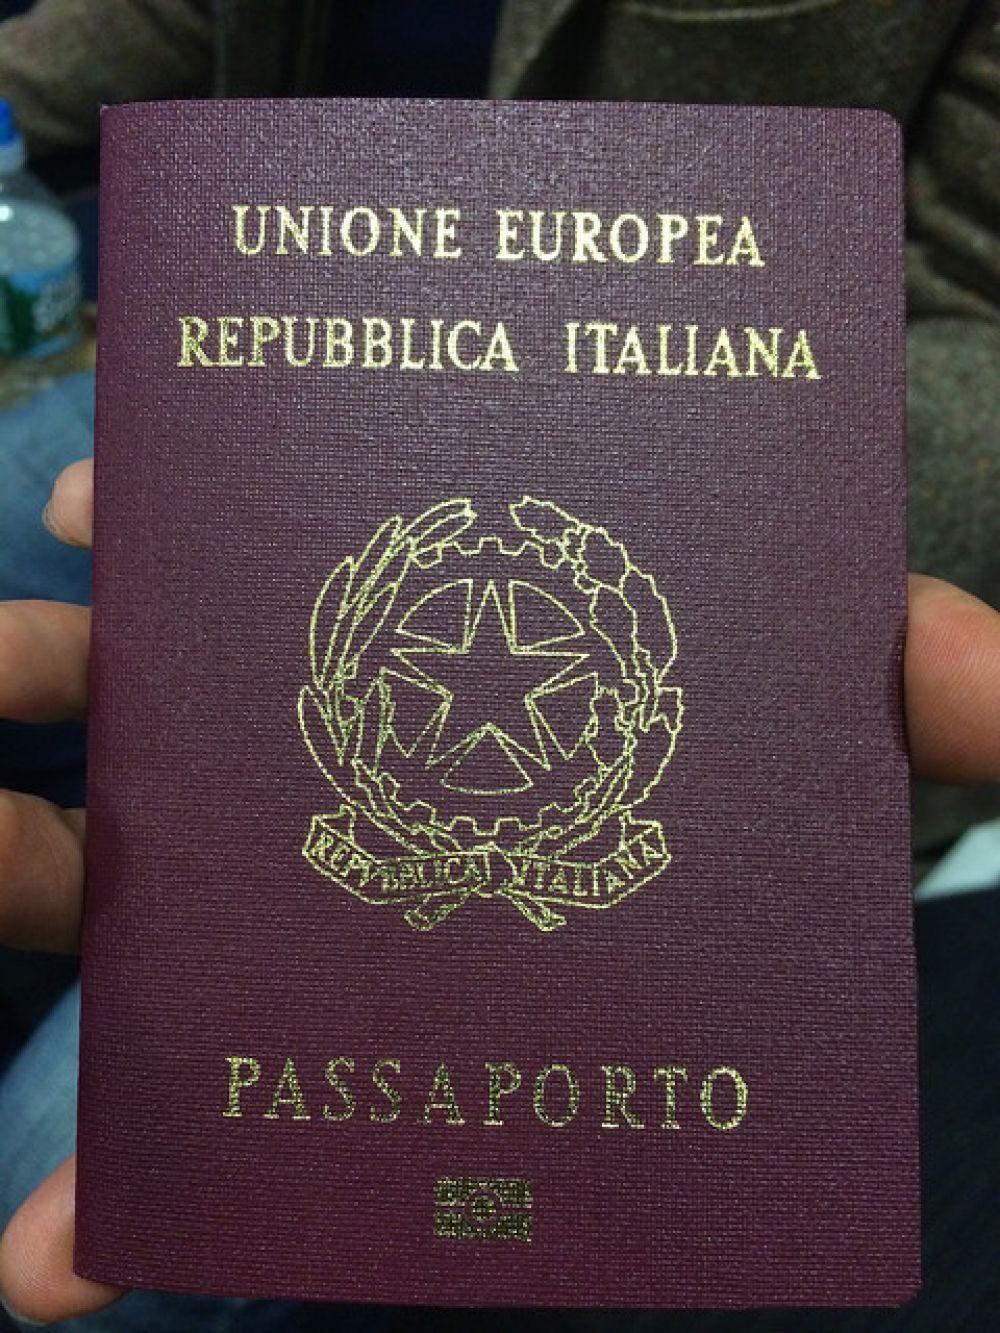 Итальянский паспорт.